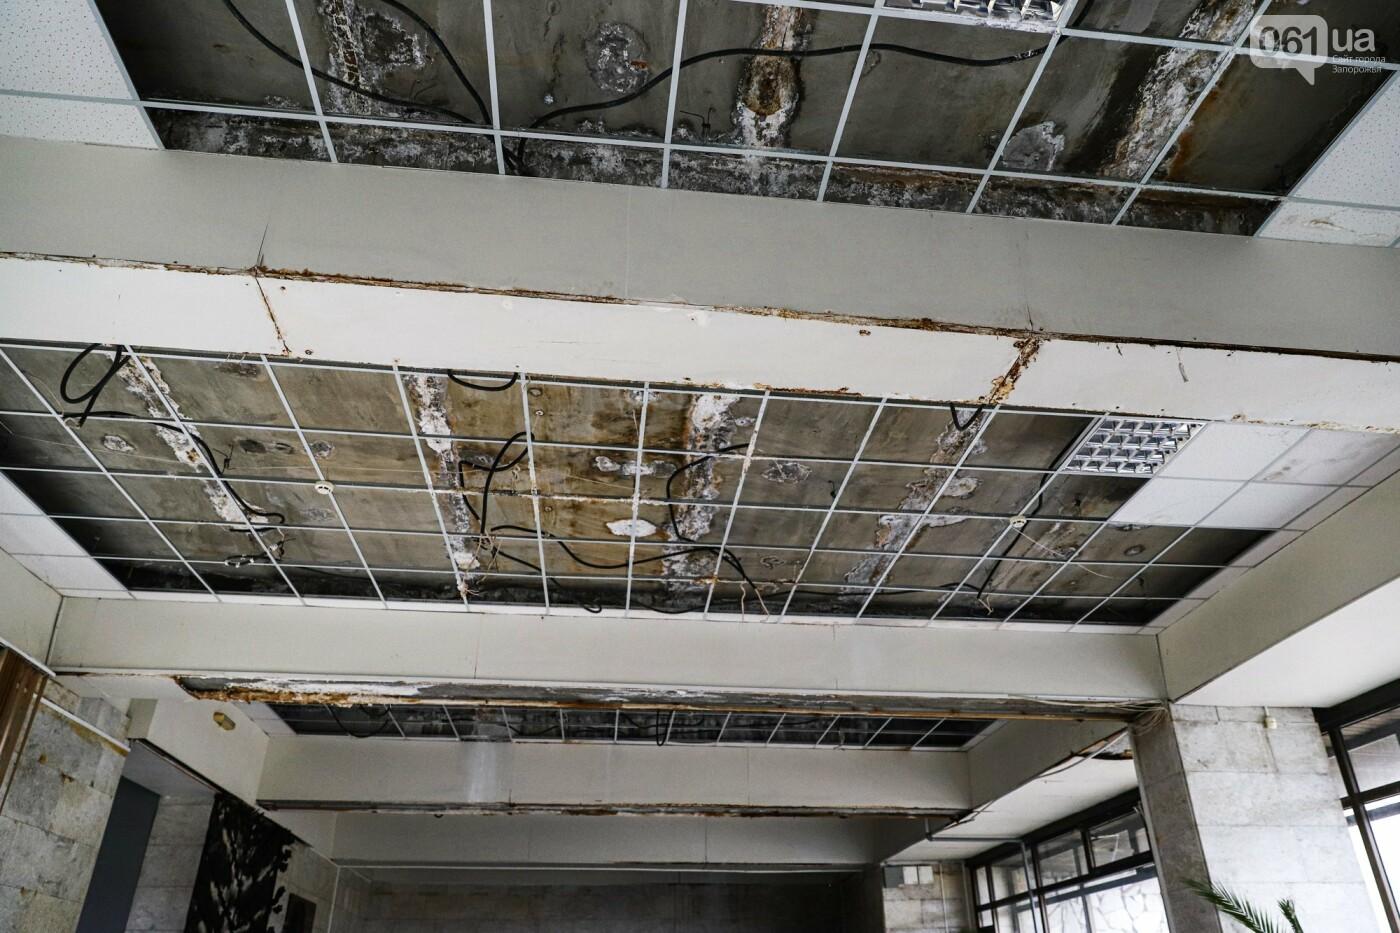 Музей истории запорожского казачества в ожидании реконструкции: как сейчас выглядит аварийное здание, - ФОТОРЕПОРТАЖ, фото-38